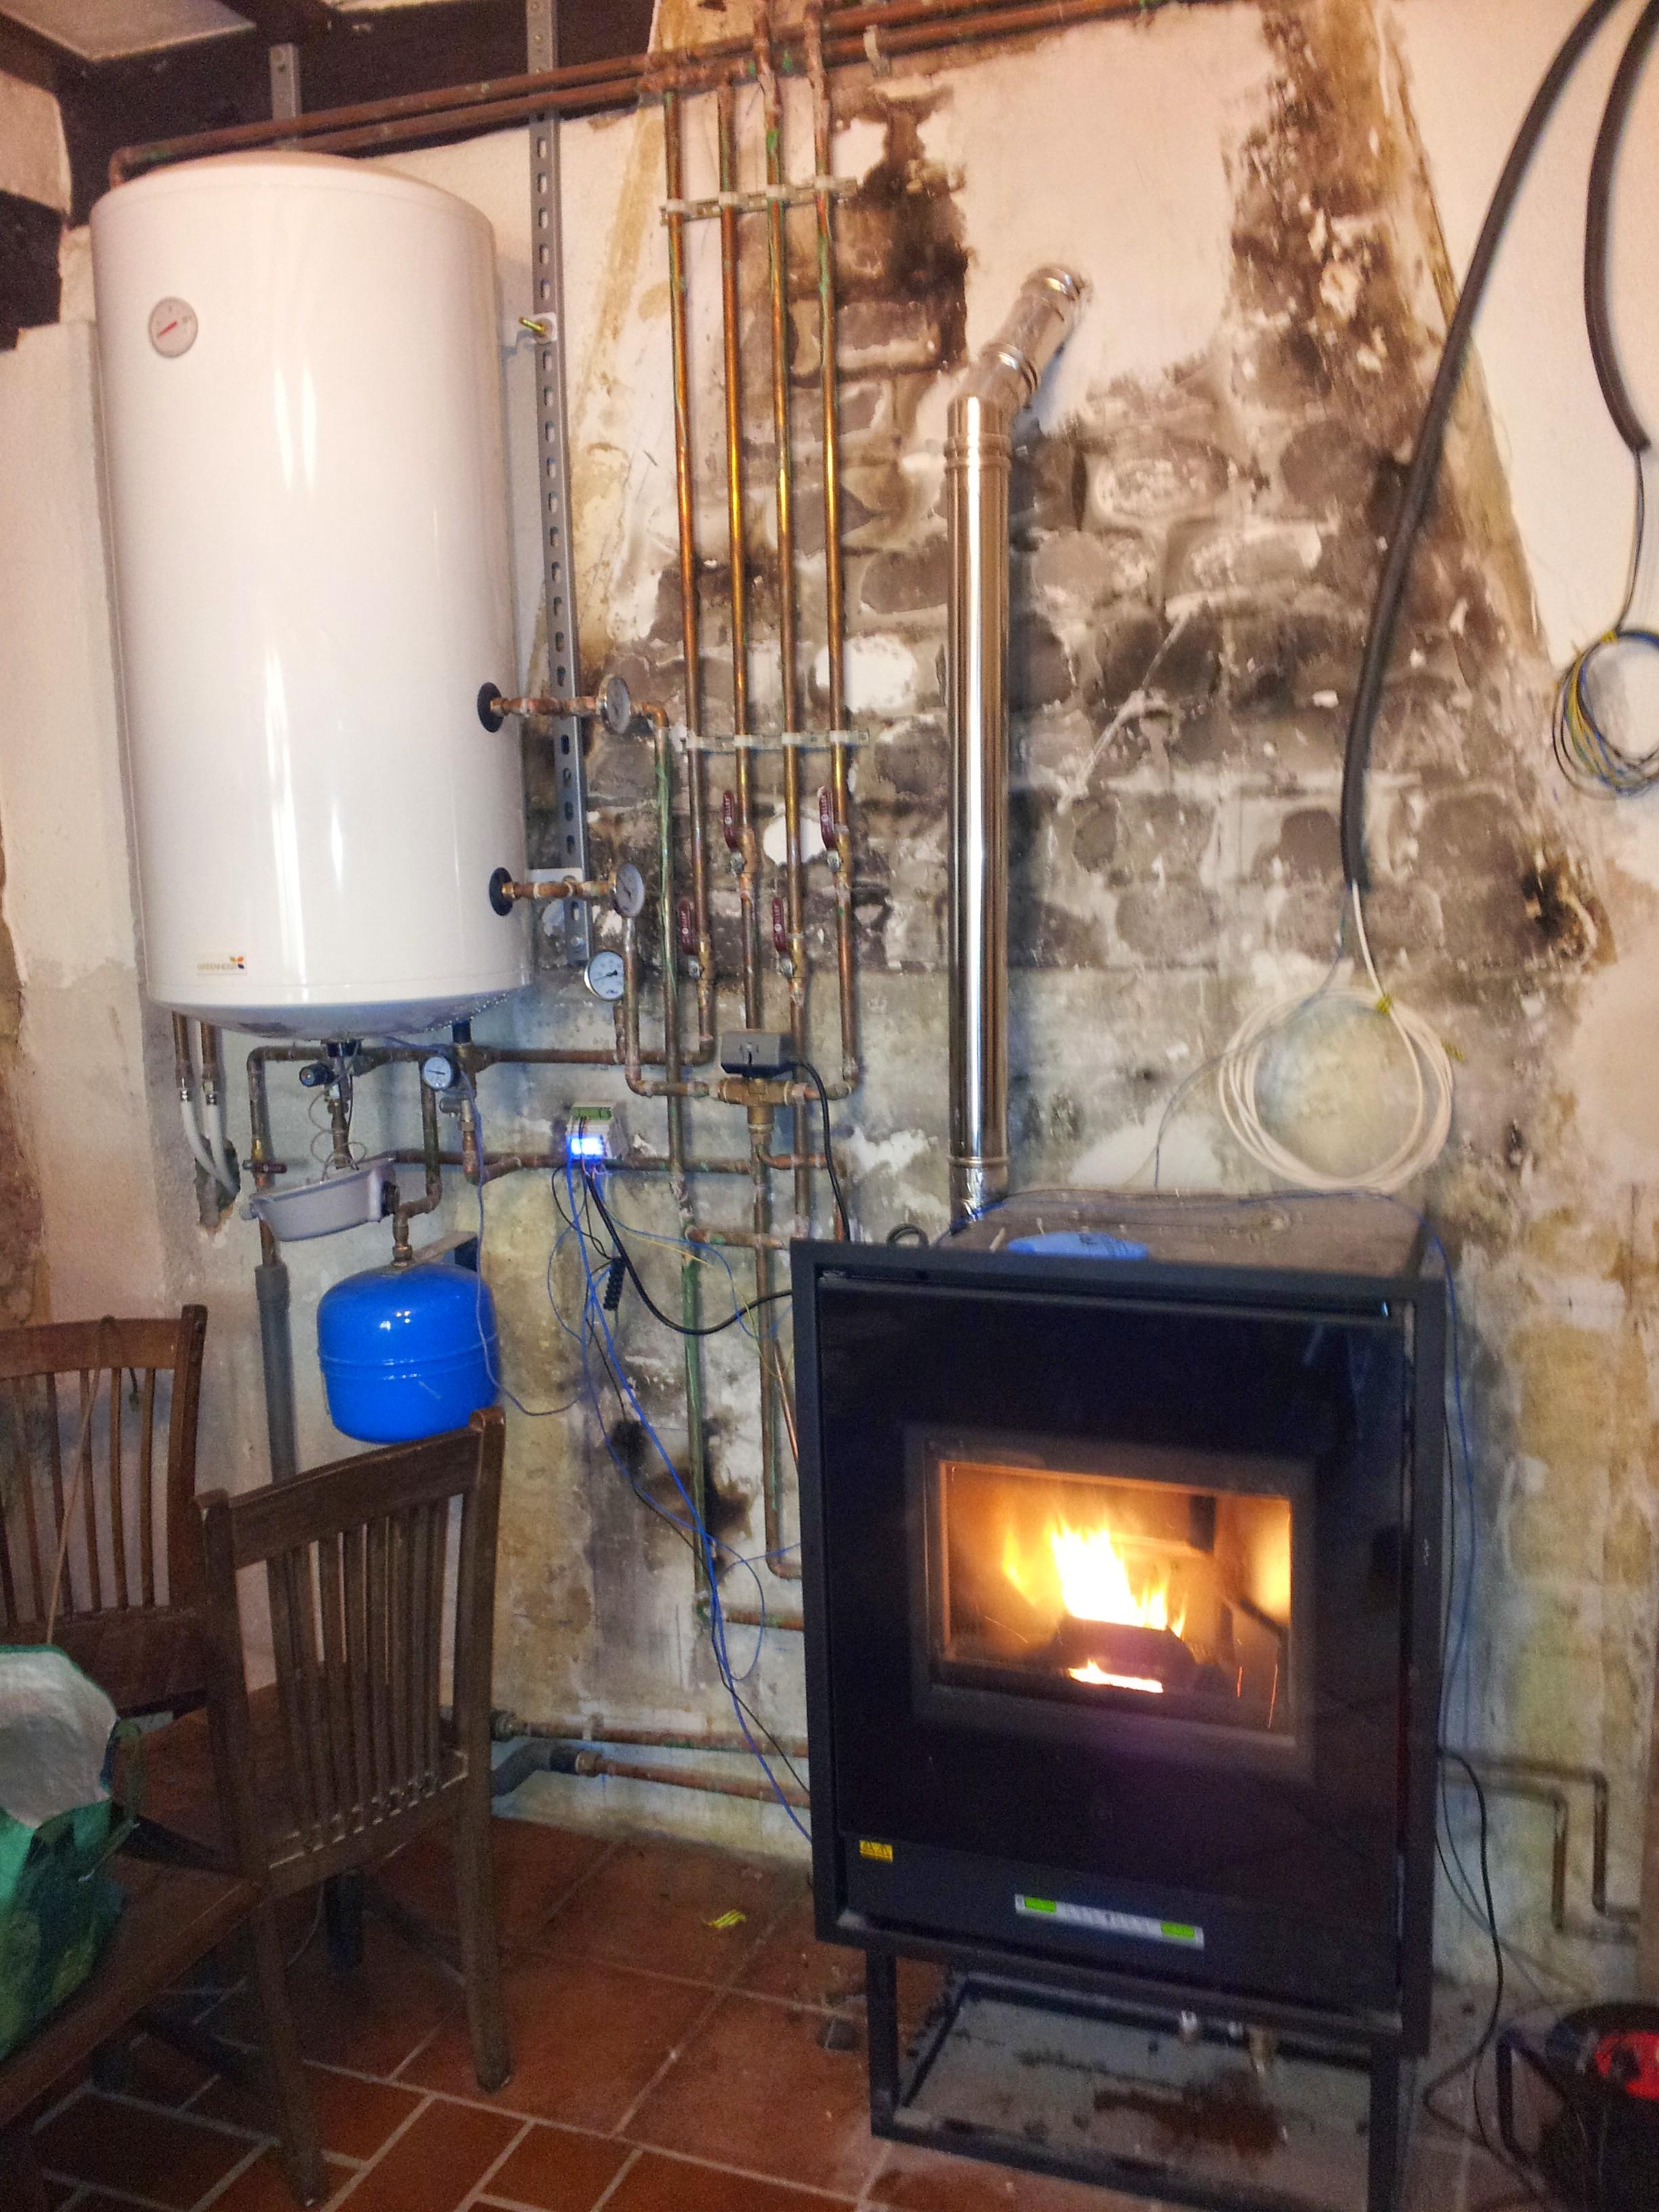 Fontaner a y calefacci n de pellets - Calefaccion por chimenea ...